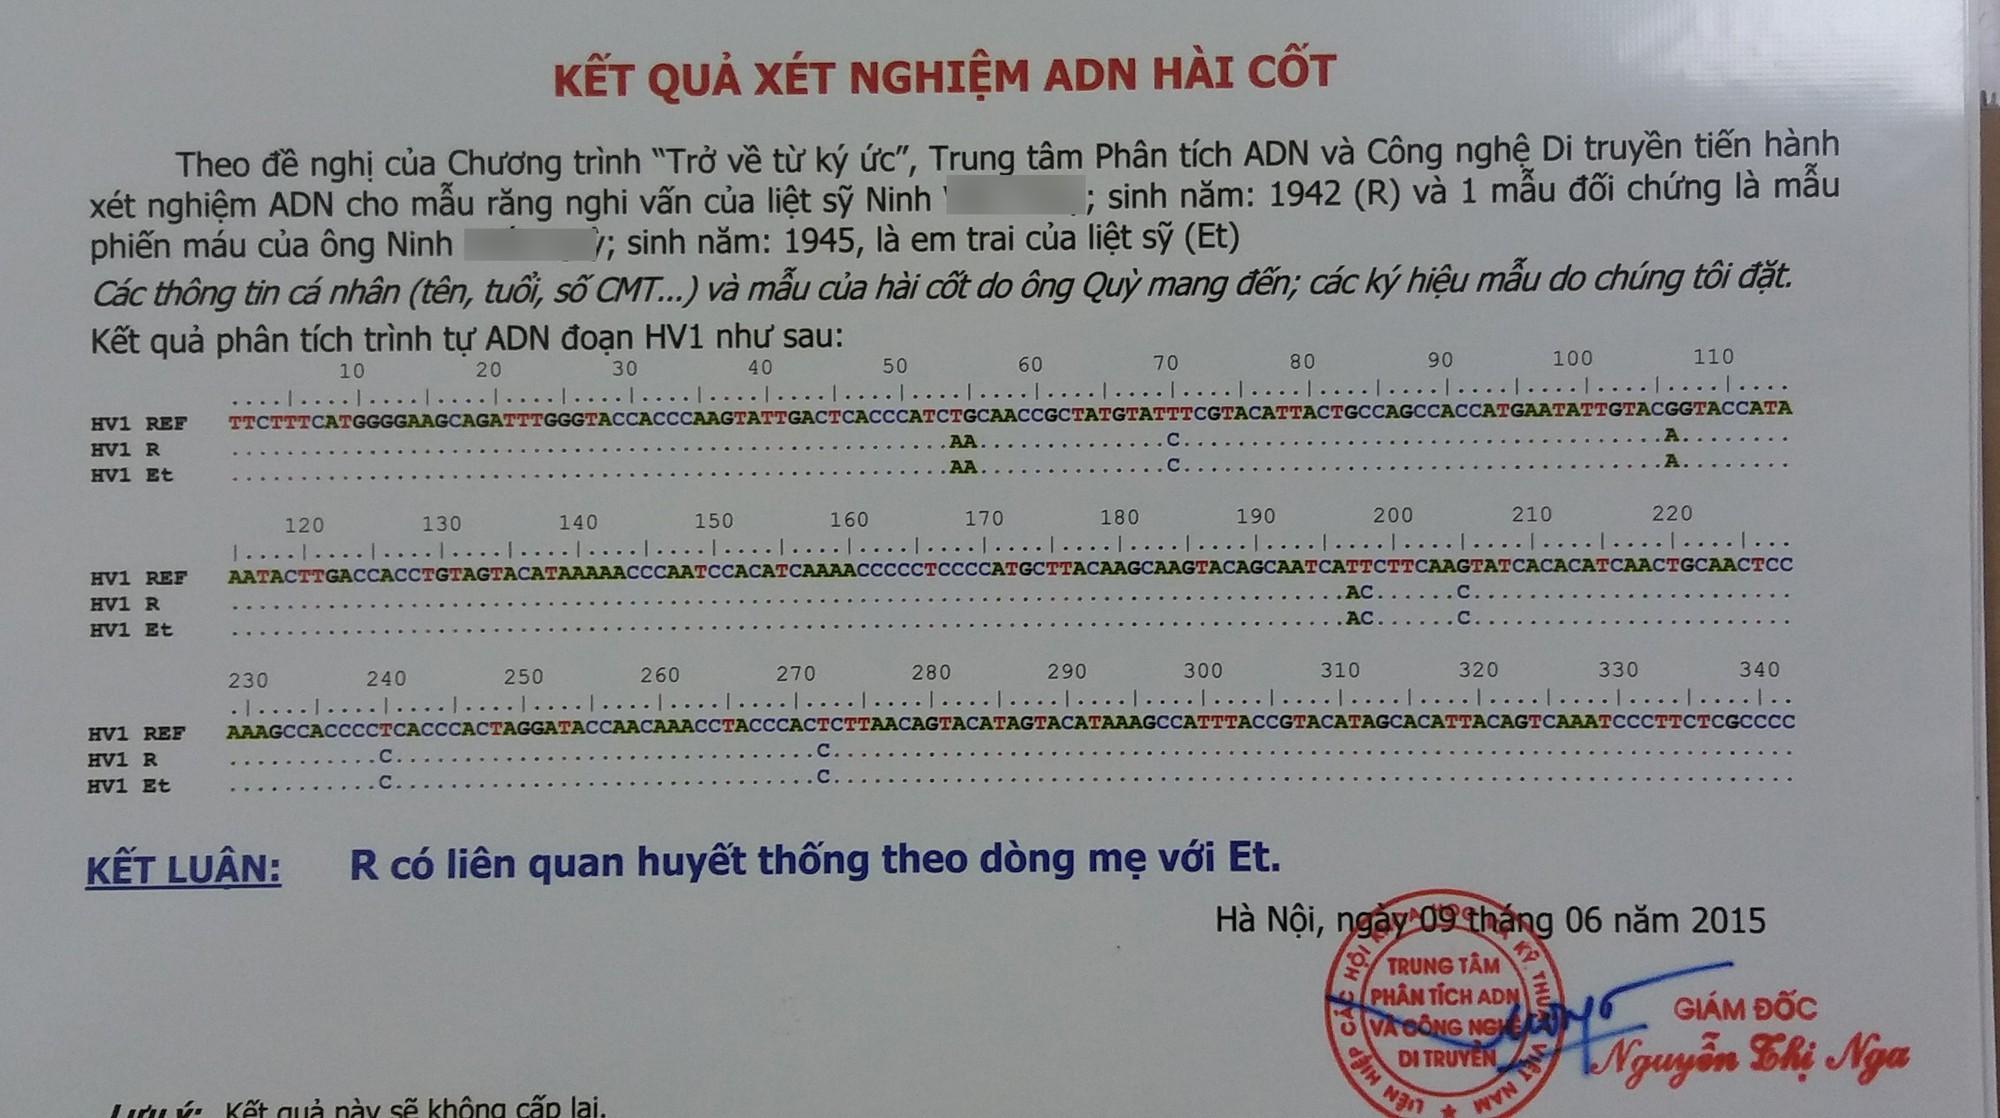 Bi kịch trao nhầm con ở bệnh viện và những câu chuyện cười ra nước mắt ở trung tâm phân tích ADN - Ảnh 6.